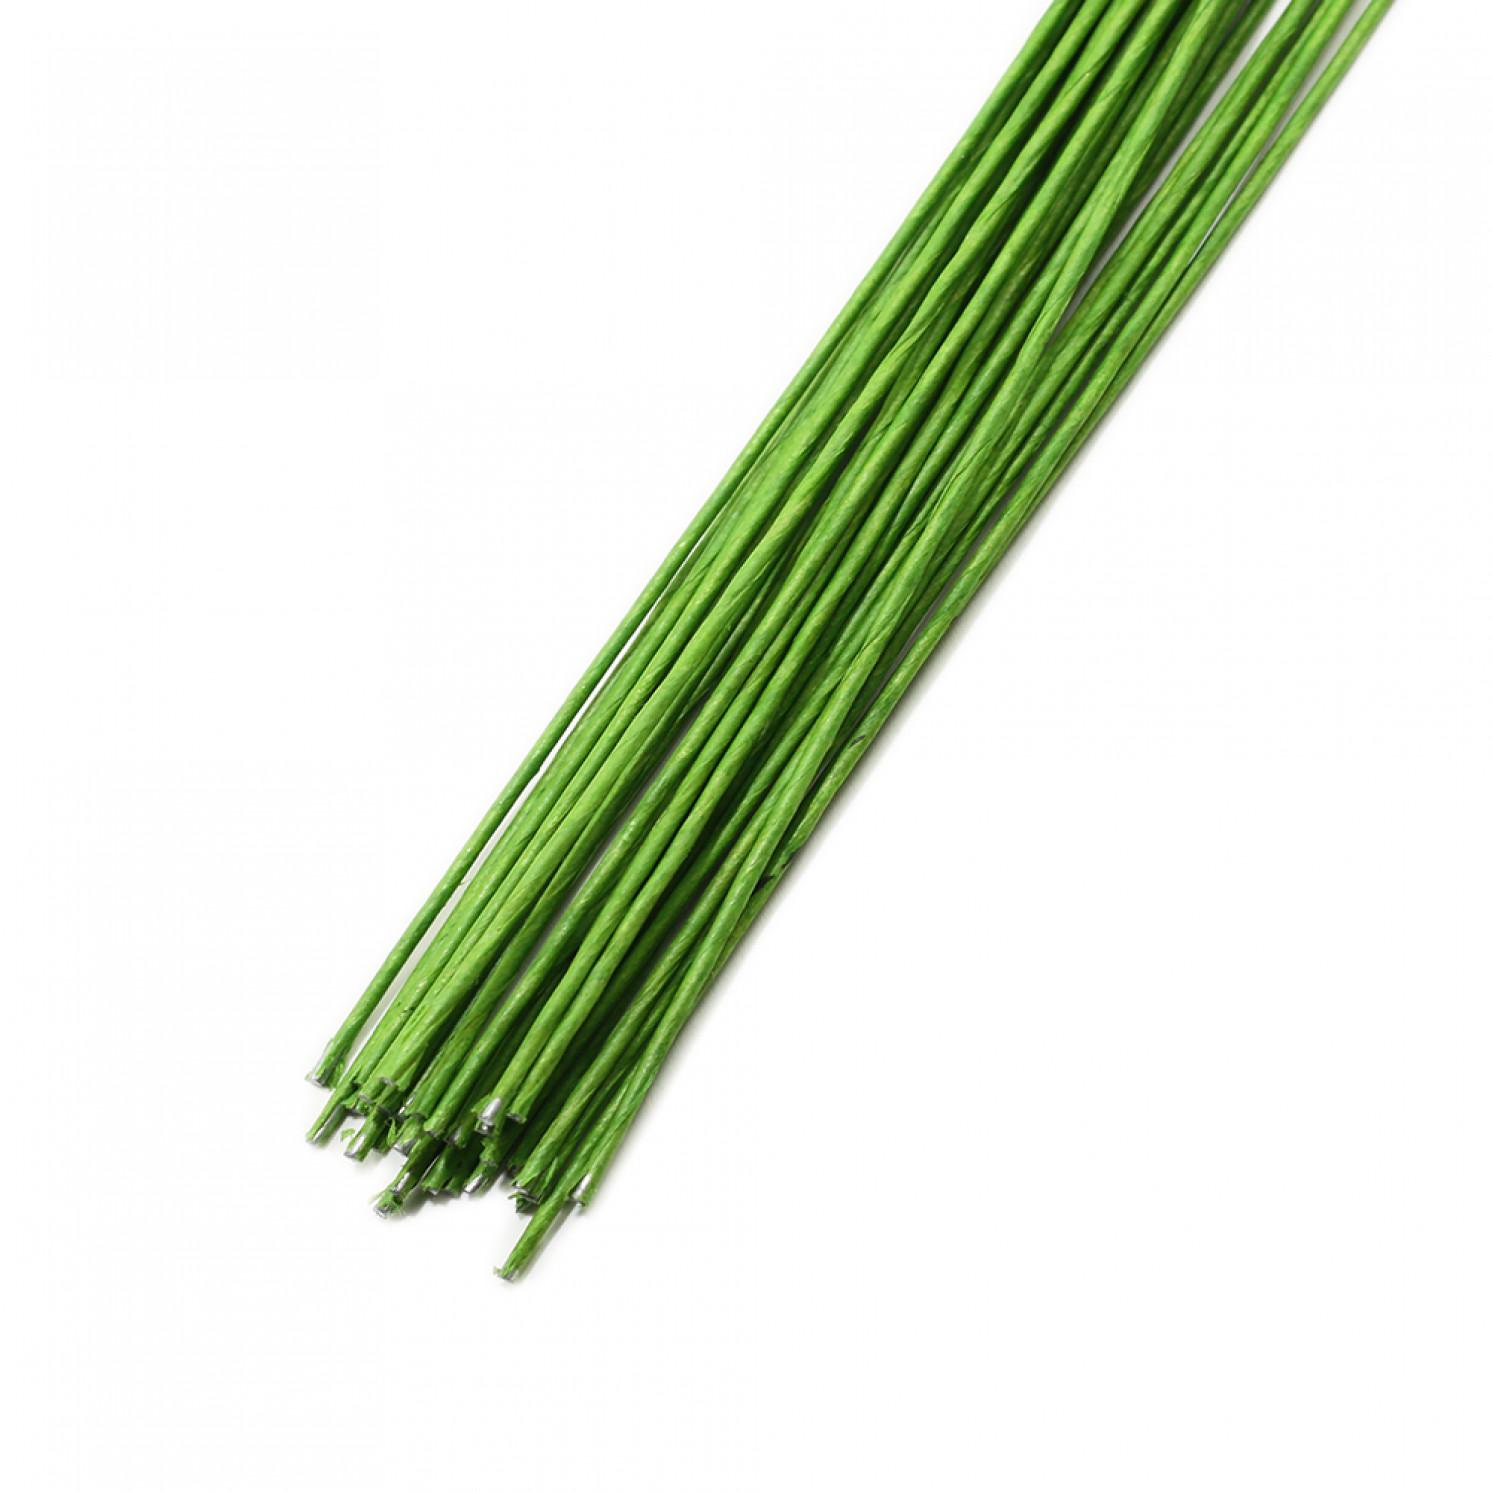 Проволока в бумажной обмотке пучок 30 шт, 36 см D=1,2мм ;№ 18 Светло-Зеленая